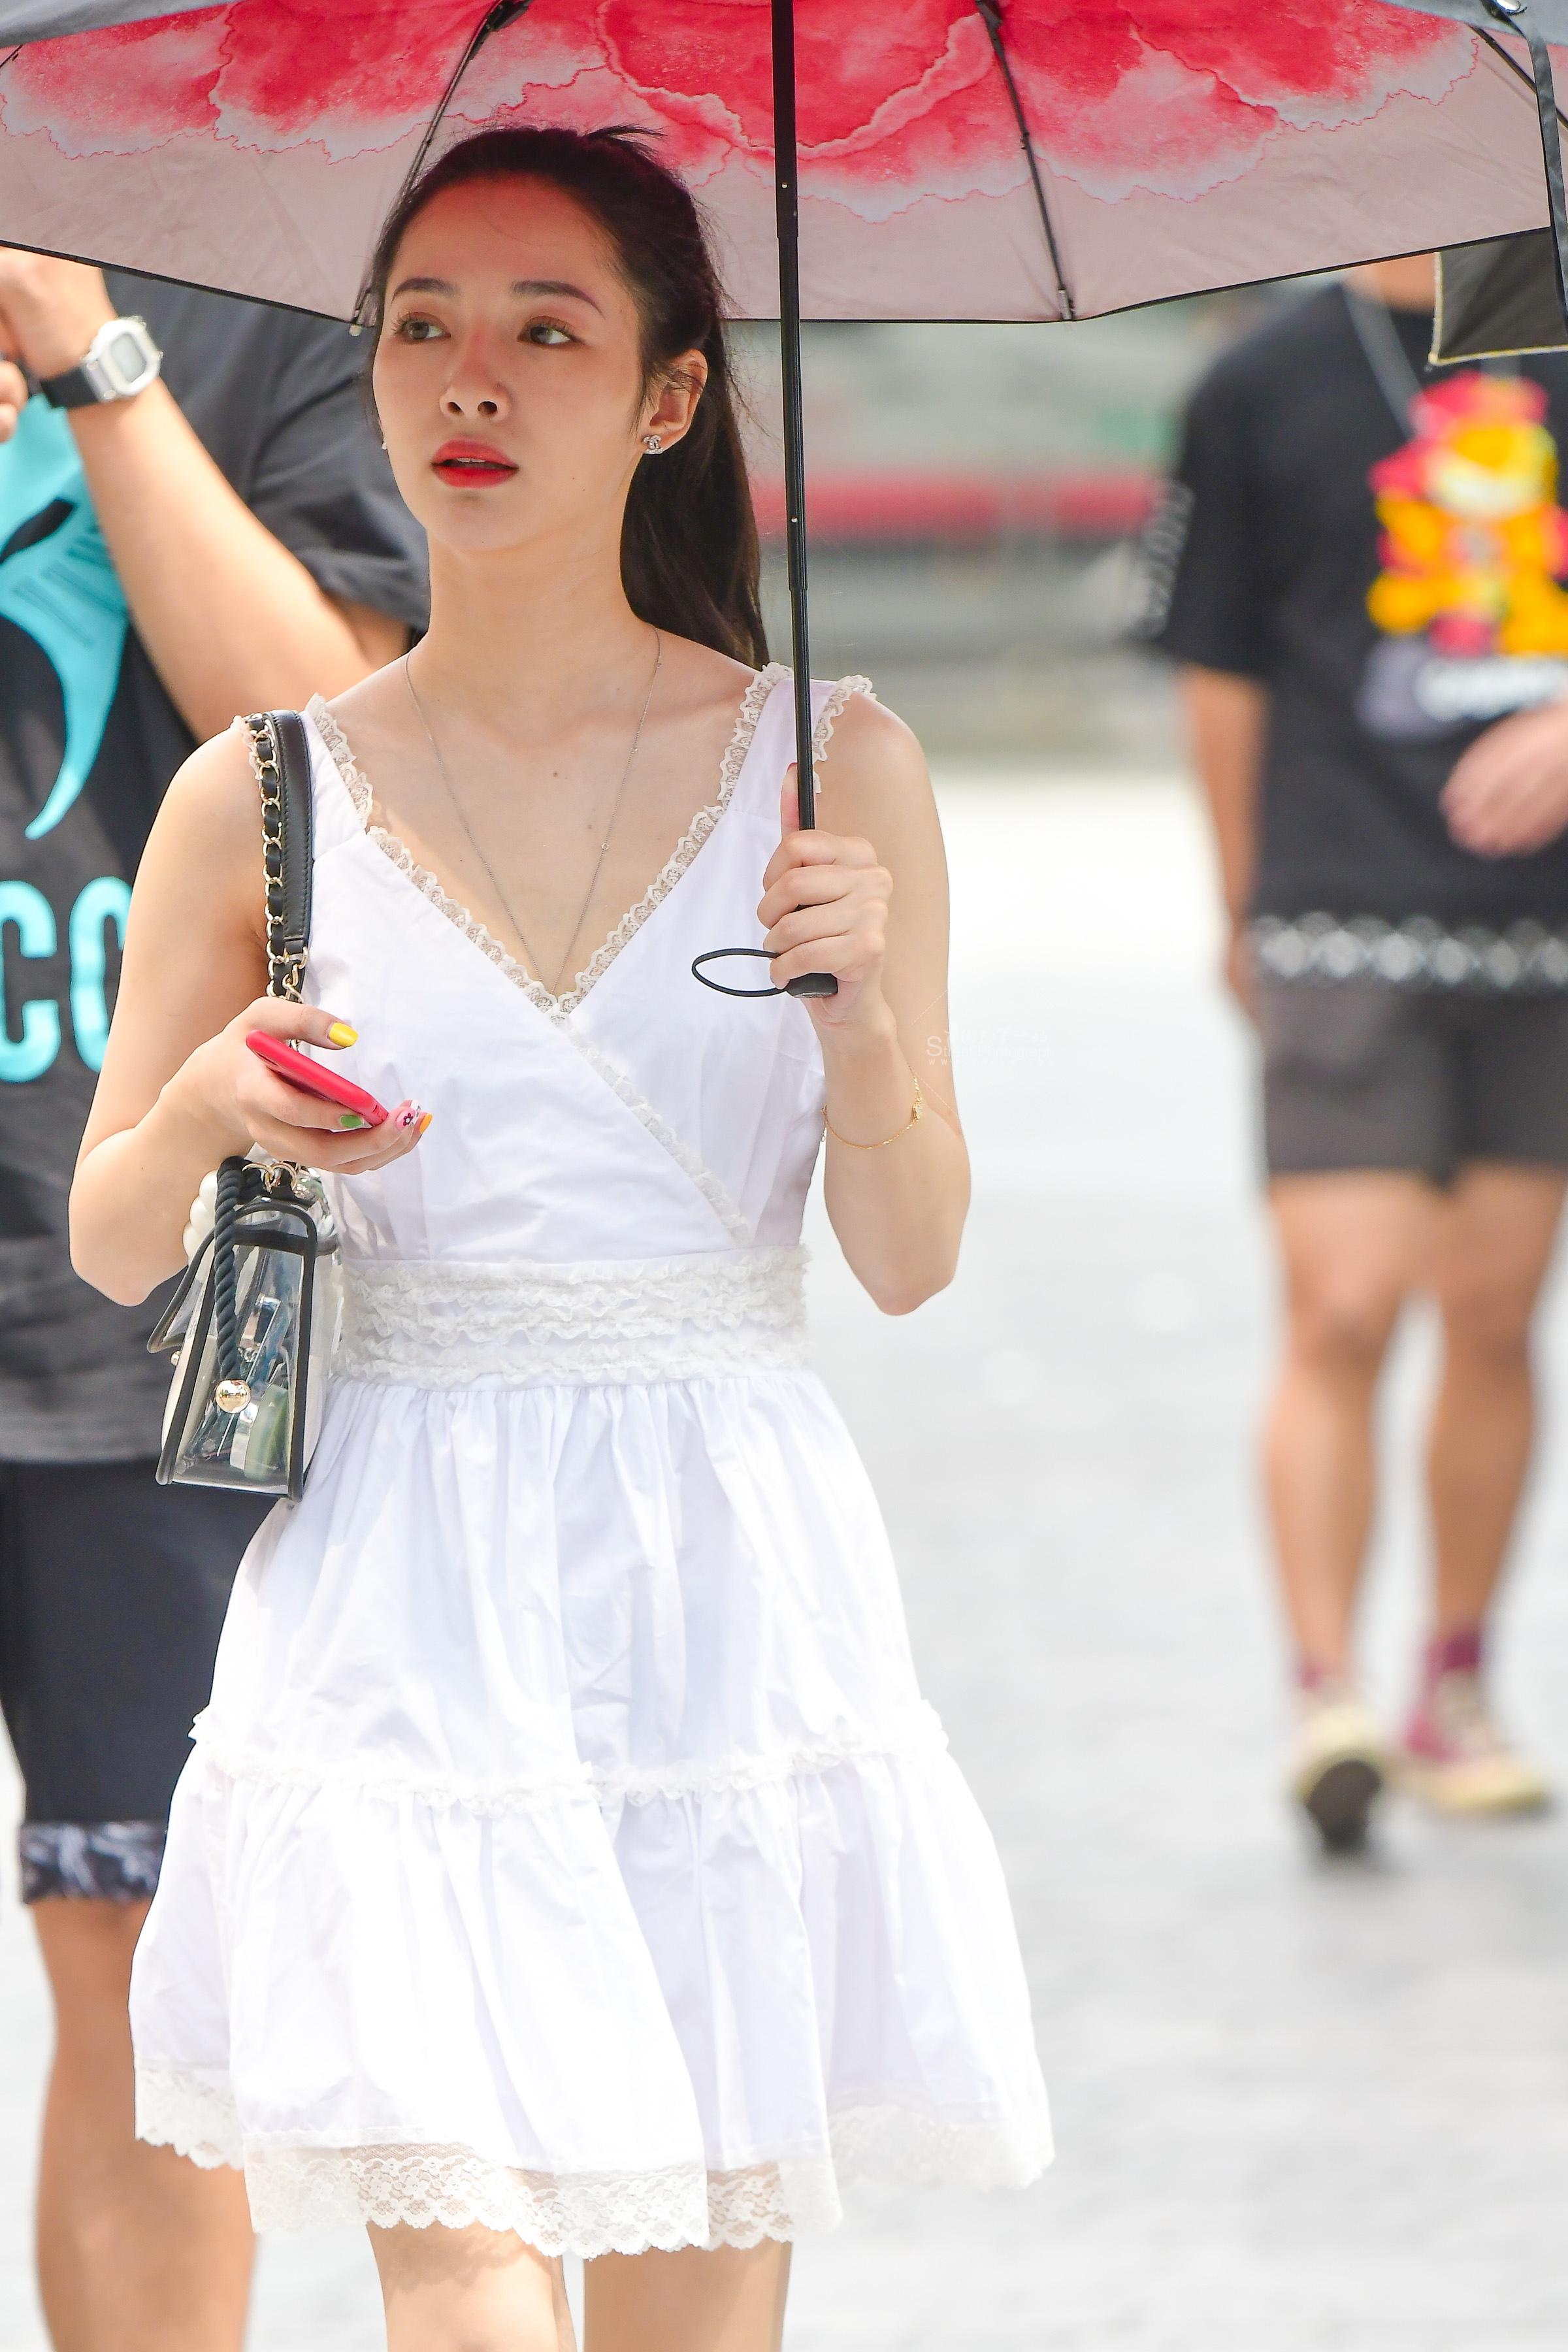 街拍高跟,街拍高跟美女,街拍美女 白裙气质 高跟美女 最新街拍丝袜图片 街拍丝袜第一站